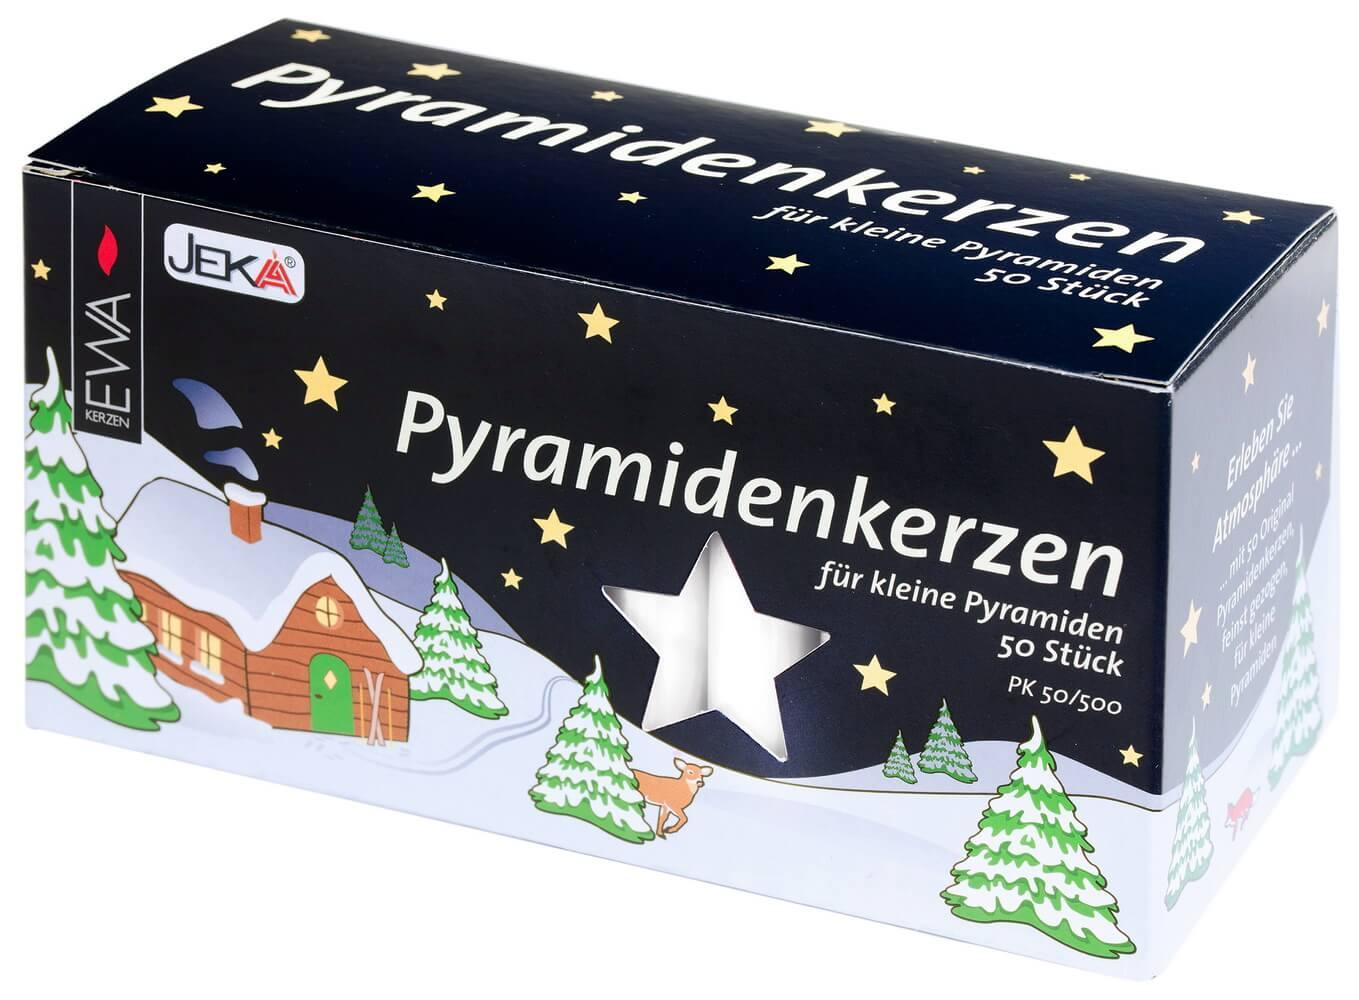 EWA Pyramidenkerzen 50 Stück weiß - 50 Stück für Weihnachtspyramiden